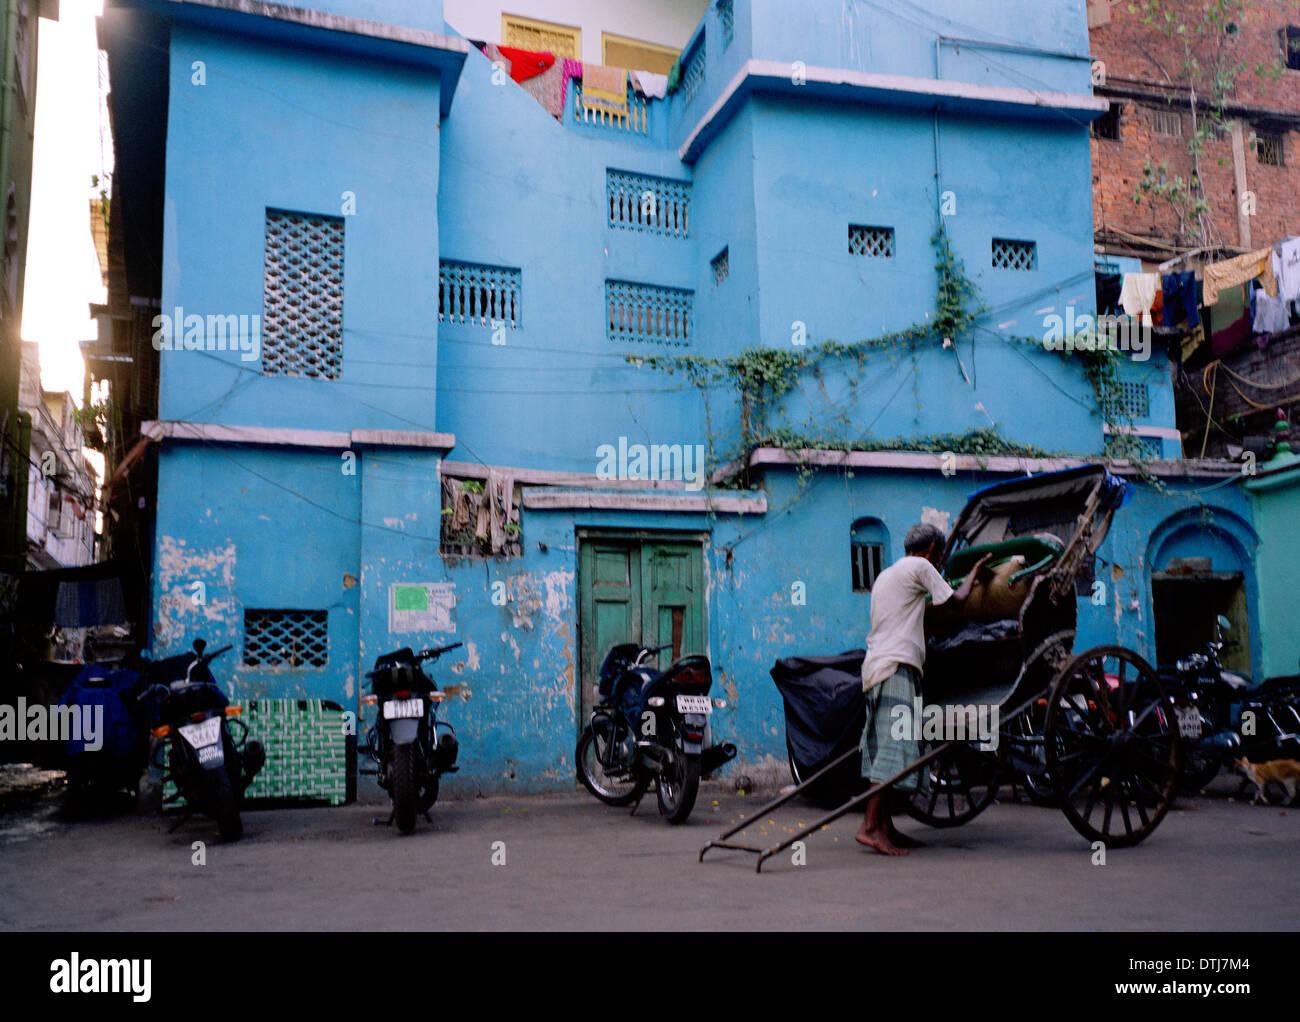 Tirate il rickshaw nella città di Kolkata Calcutta nel Bengala Occidentale in India in Asia del Sud. Città della povertà urbana Slum persone uomo viaggio vita Wanderlust Immagini Stock